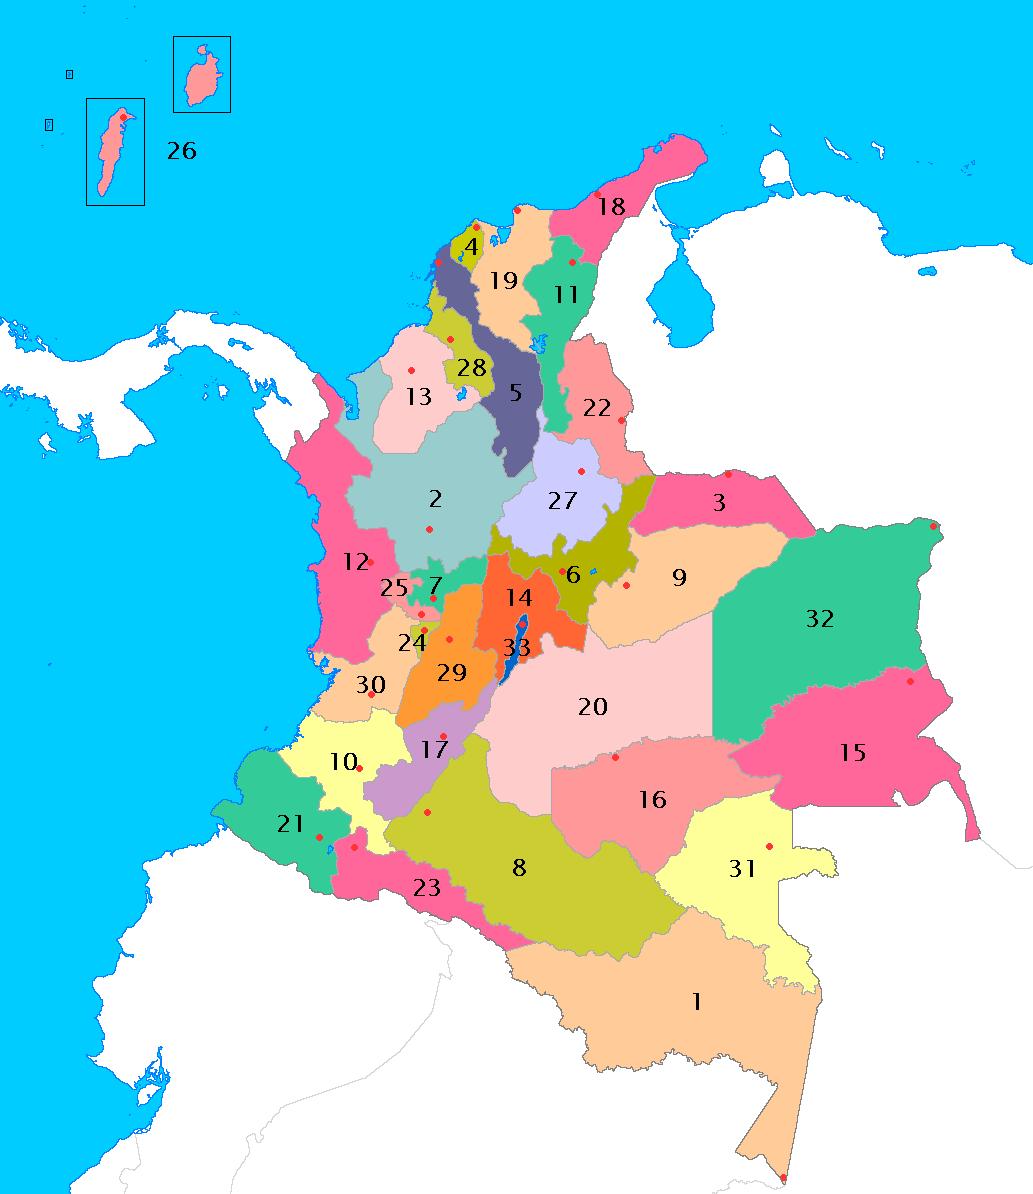 コロンビア共和国の県レベルの行政区分地図